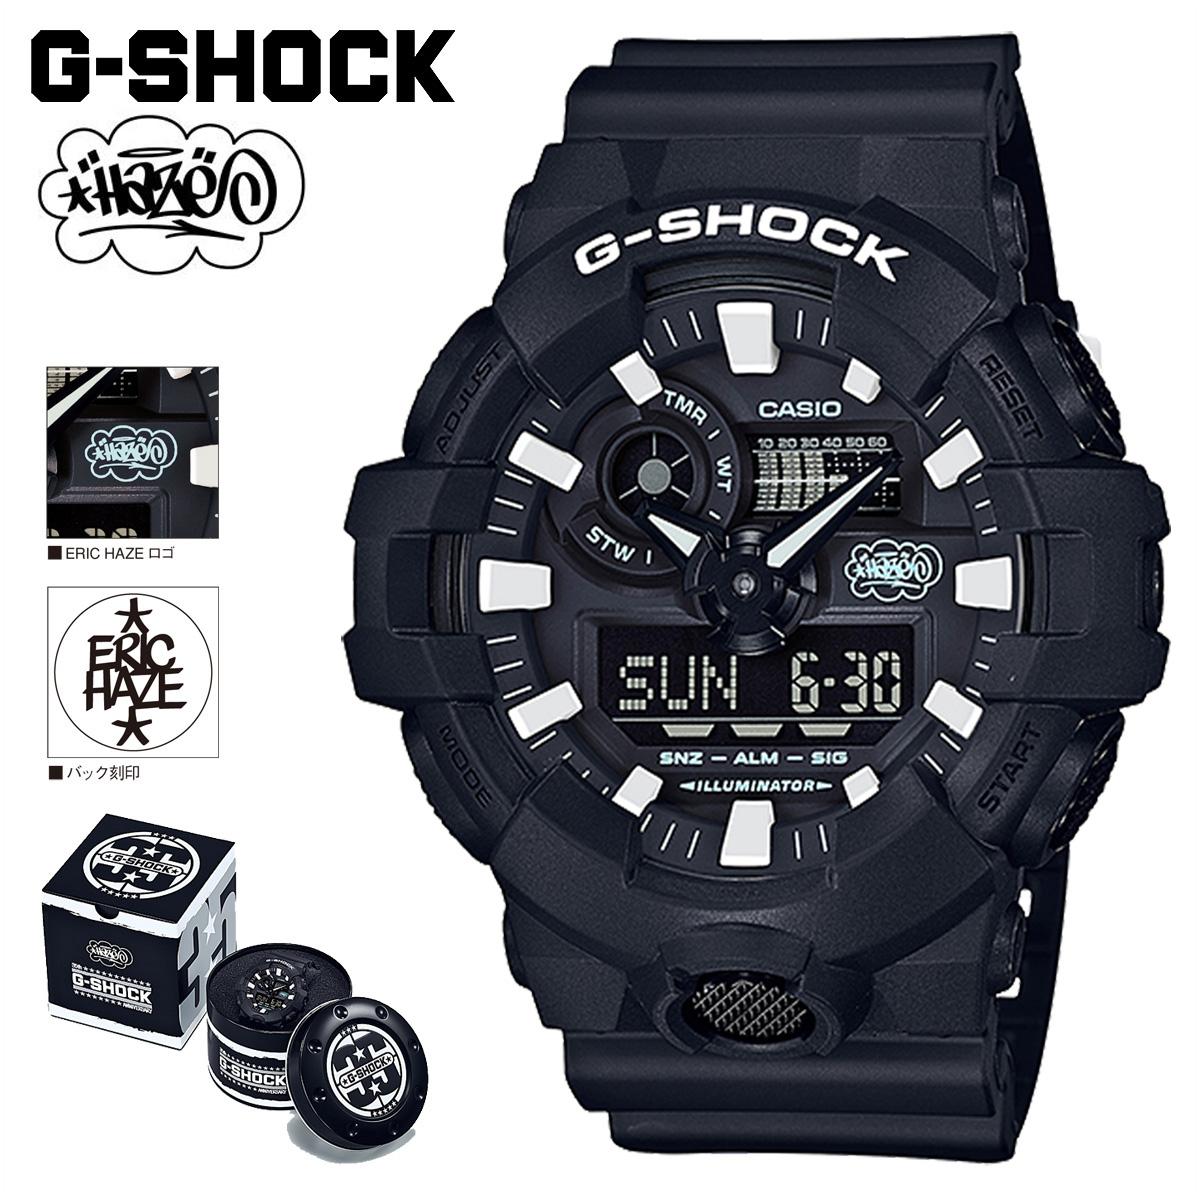 CASIO カシオ G-SHOCK 腕時計 GW-700EH-1AJR ERIC HAZECK コラボ ジーショック Gショック G-ショック ブラック メンズ レディース